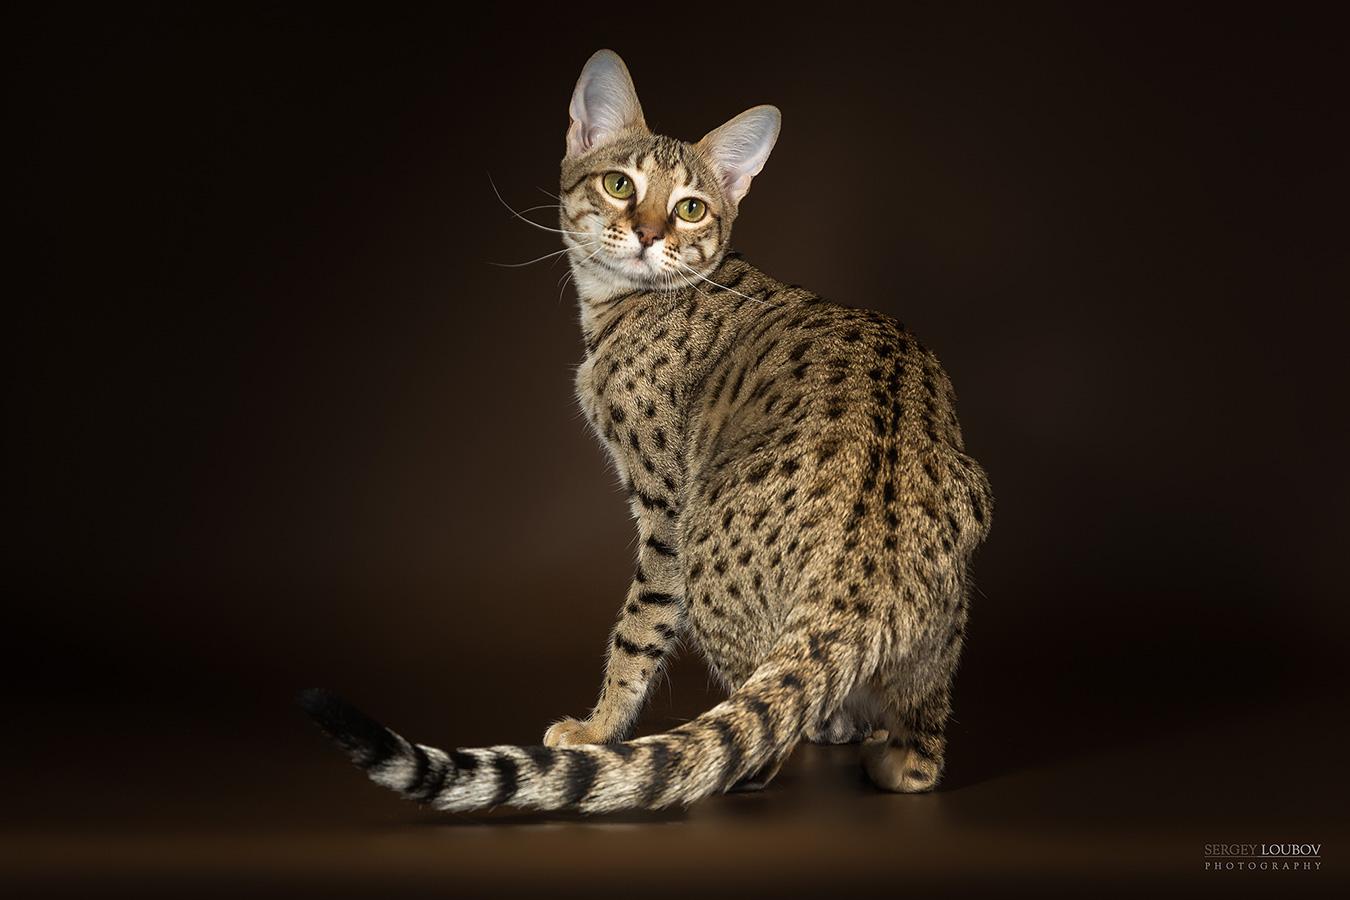 ТОП 10 кошек больших размеров